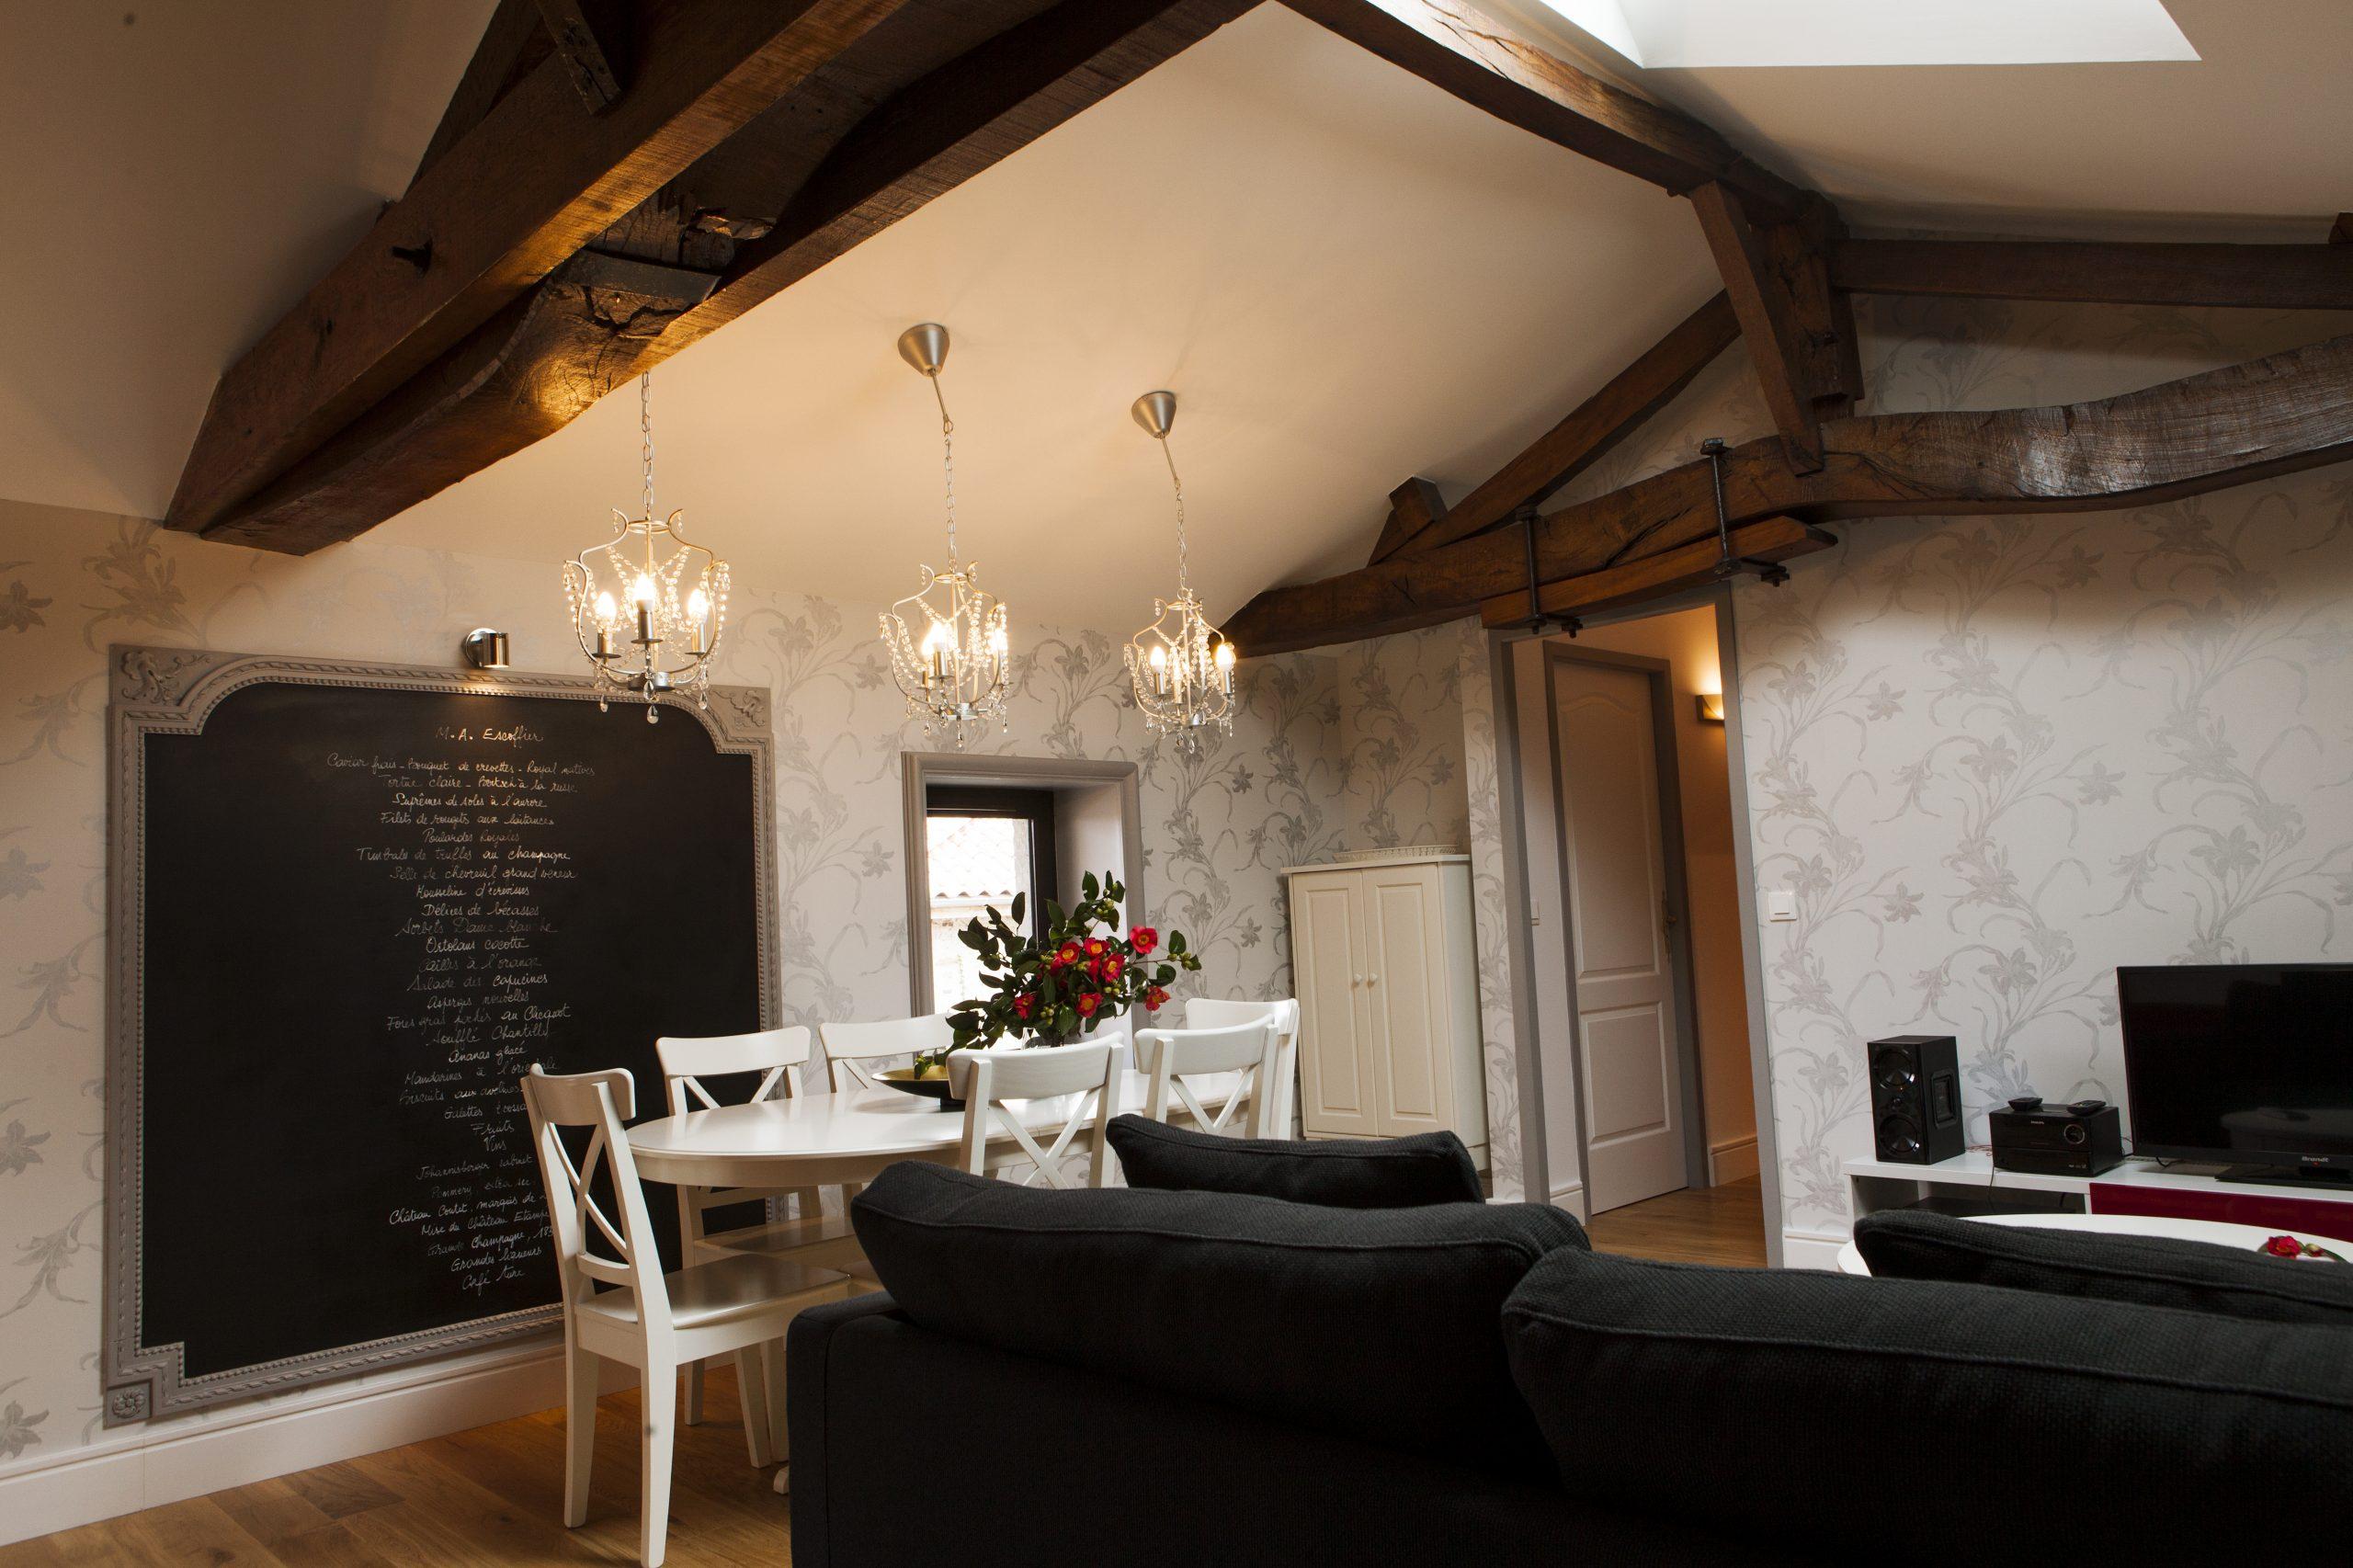 Appartement 60m² T3 + Terrasse 12m² Entièrement rénové vendu Meublé